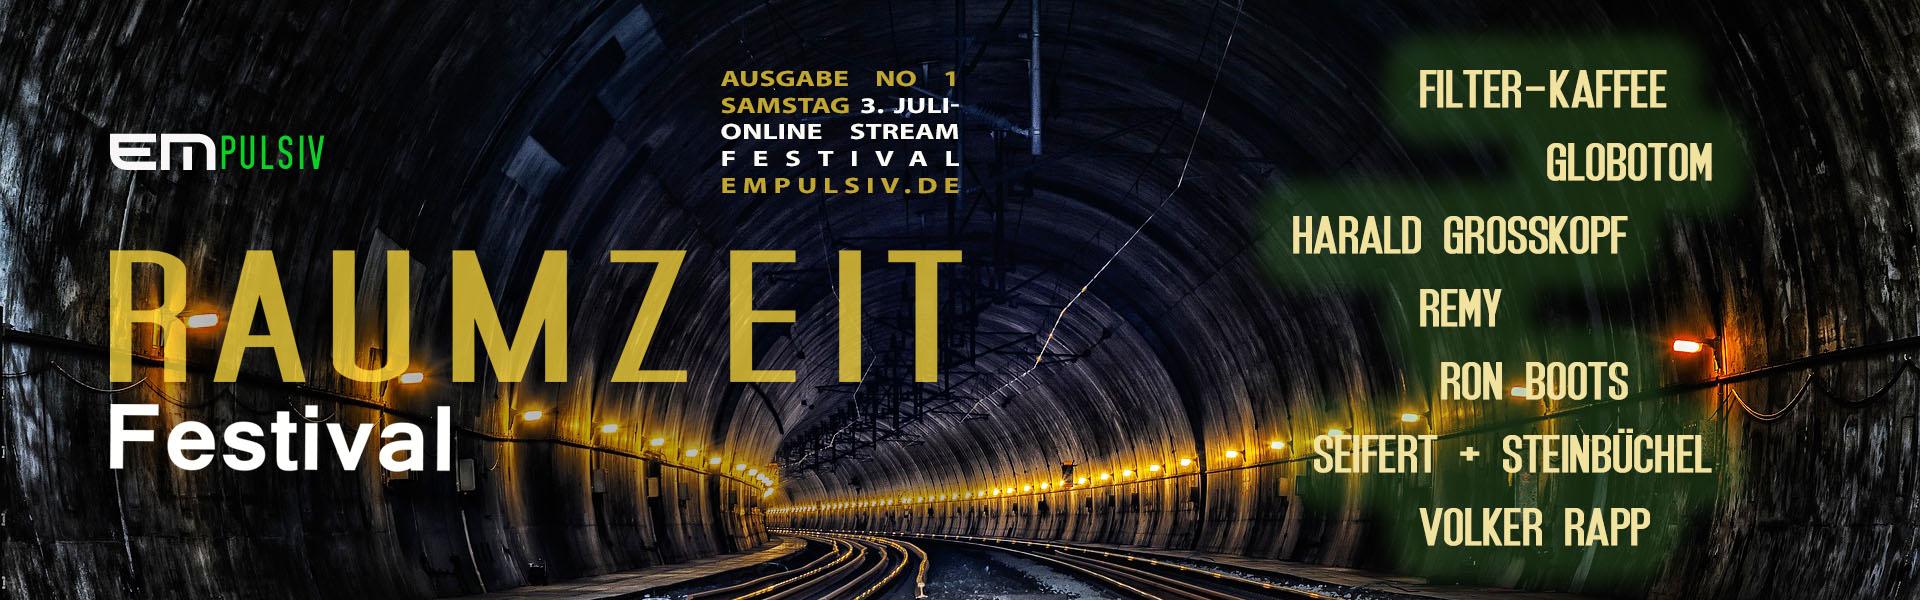 Raumzeit banner